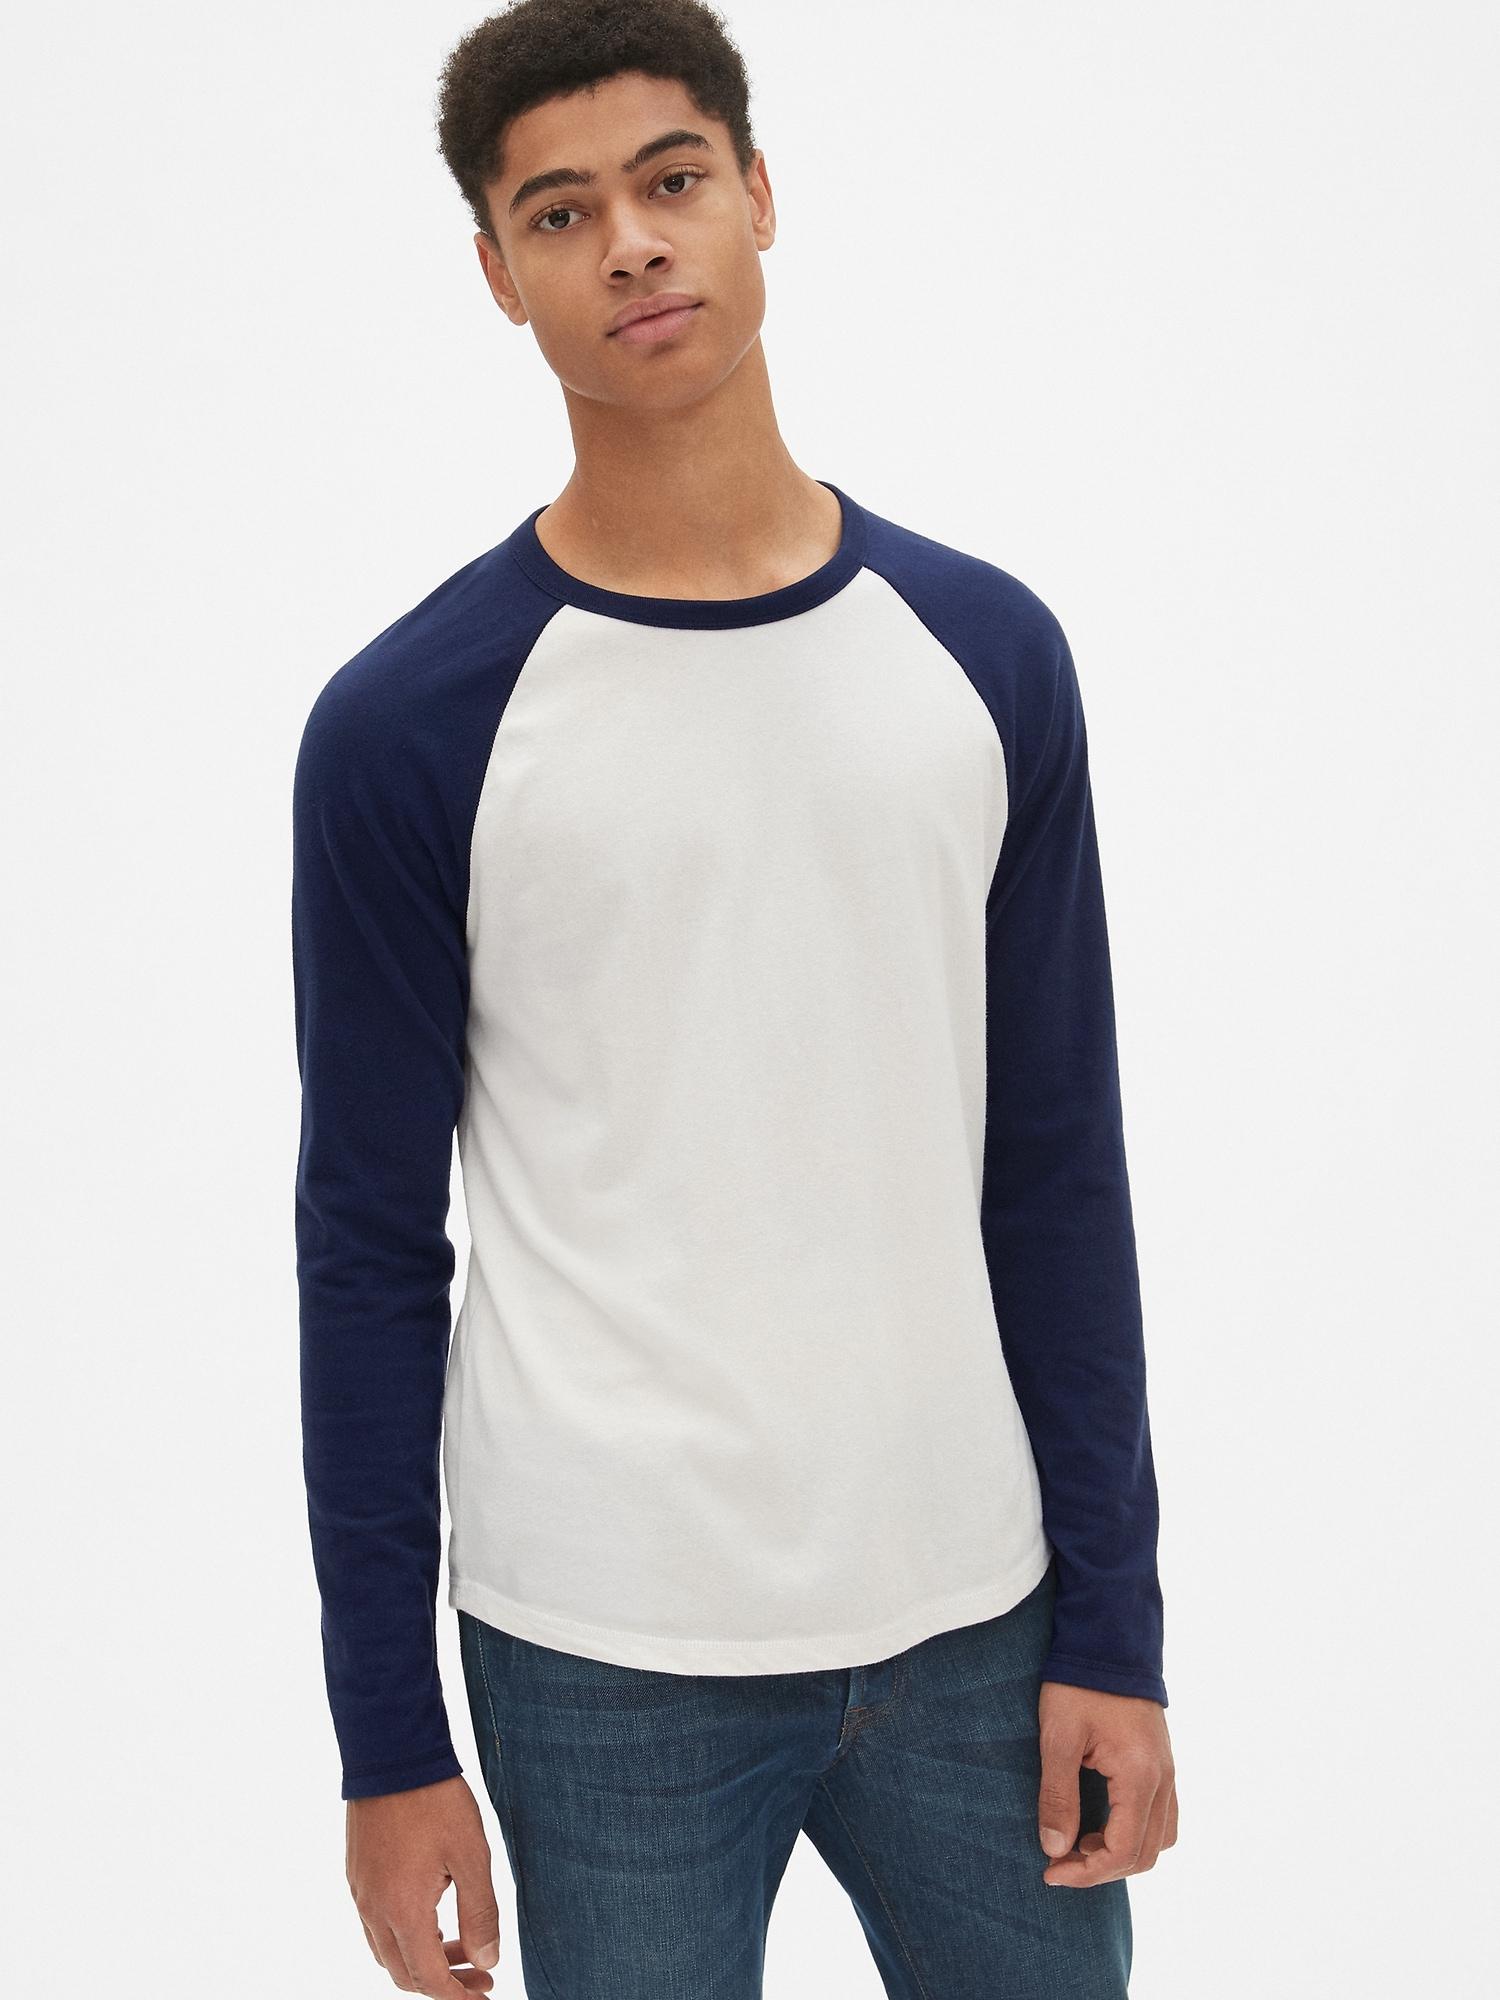 a5244be4767 Soft Brushed Raglan Crewneck T-Shirt